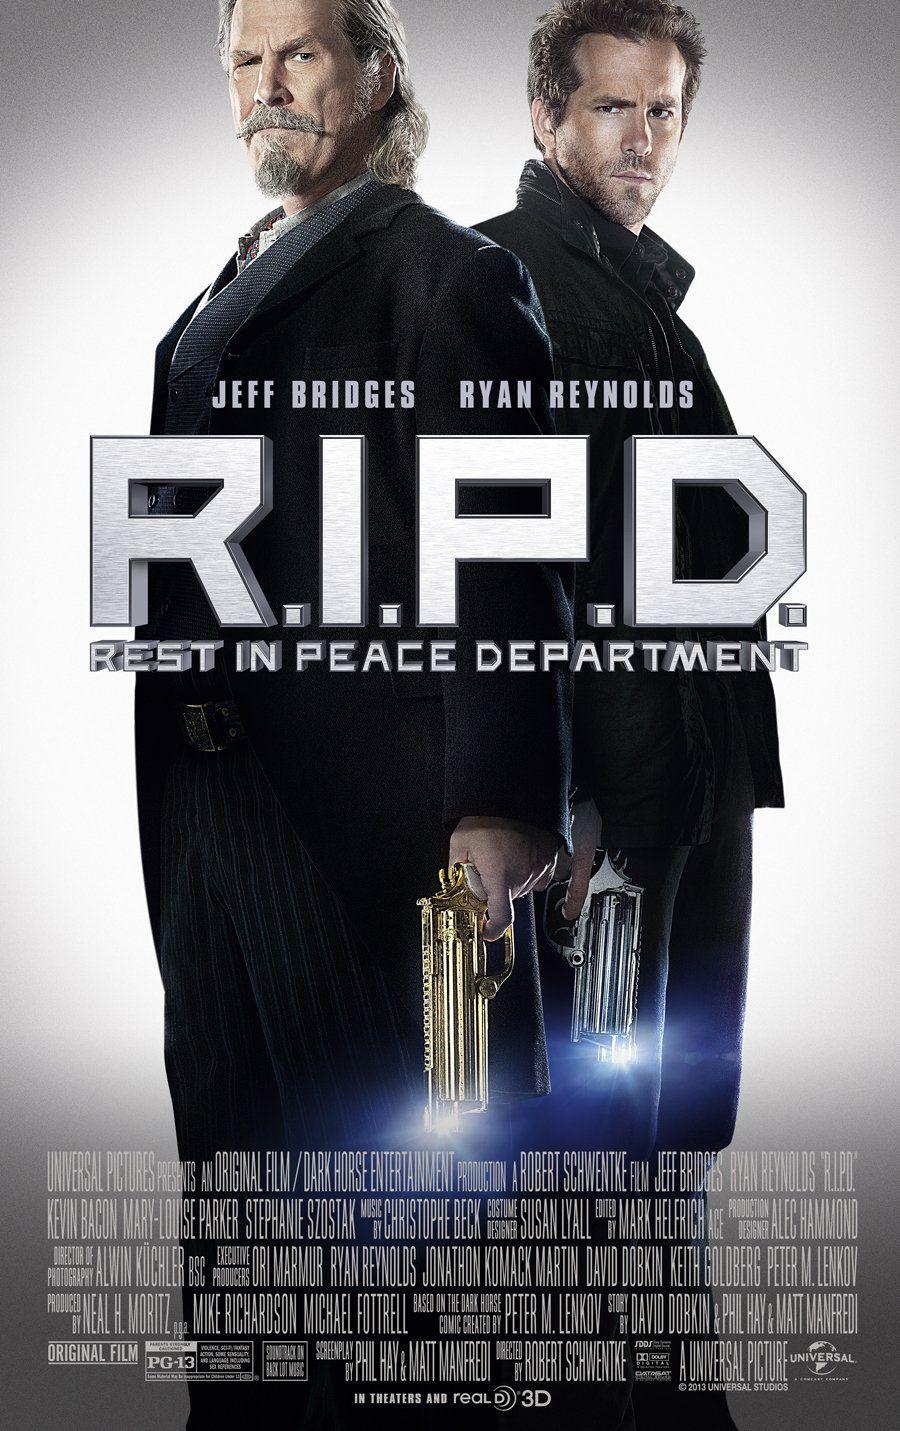 Busty cop movie clip